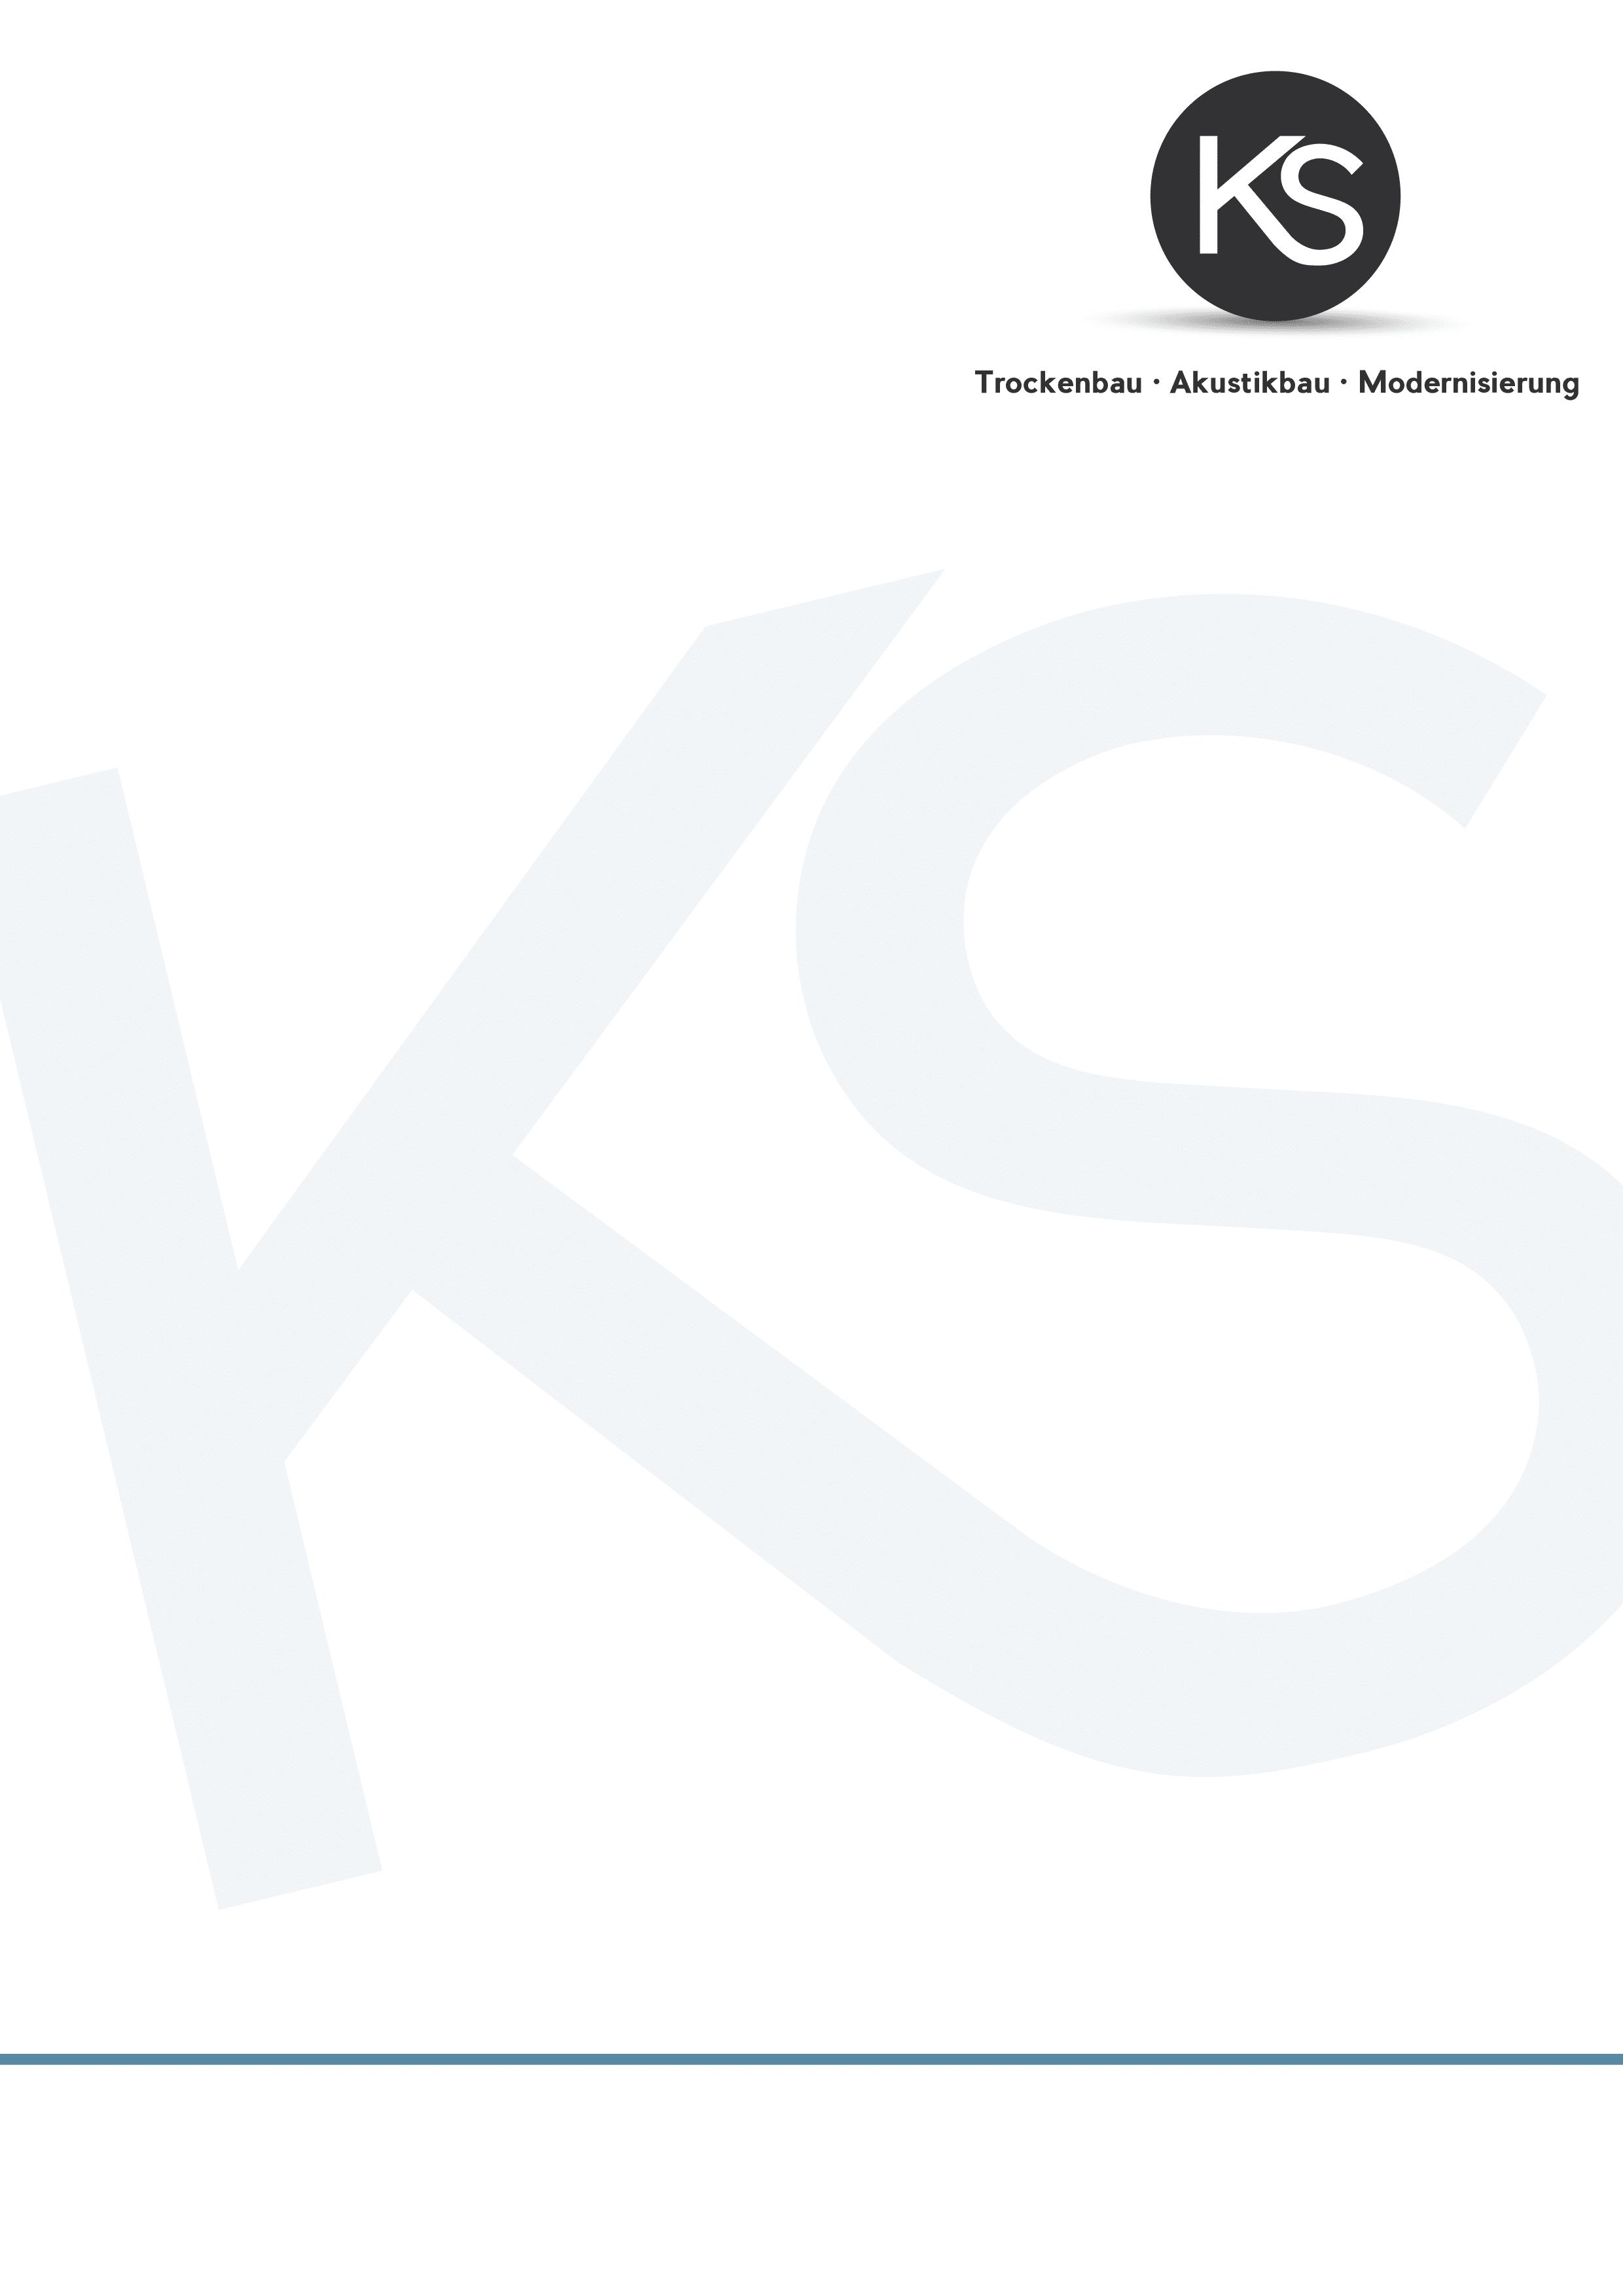 KS Baudesign Startseite Webseite Webdesign Webauftritt Website Corporate Design Logo Design Grafik Visitenkarte Geschäftsausstattung Briefbogen